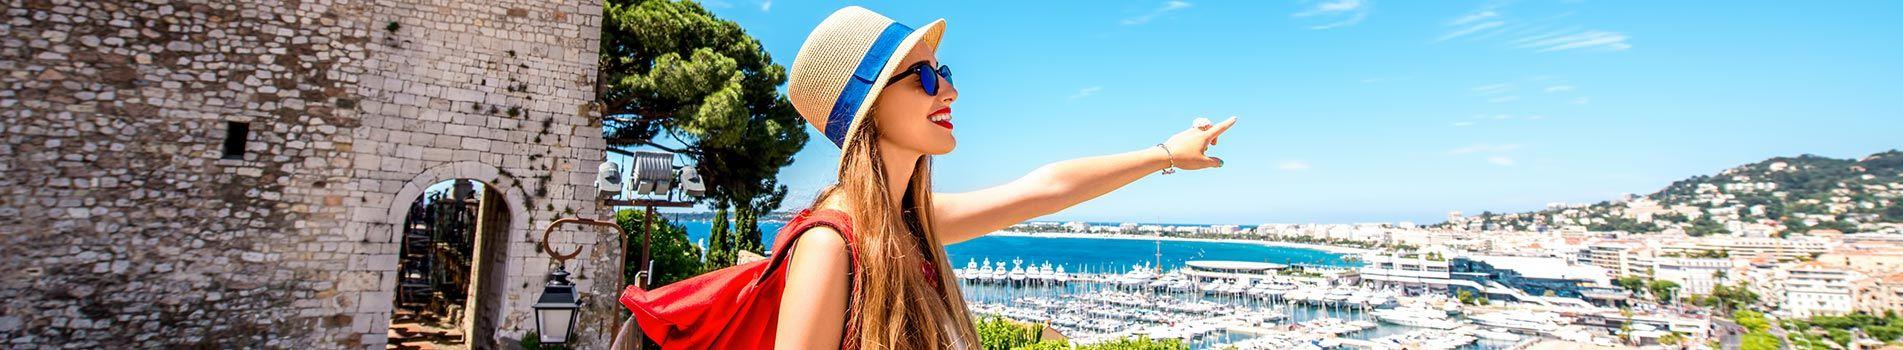 Vacances à Cannes, Côte d'Azur